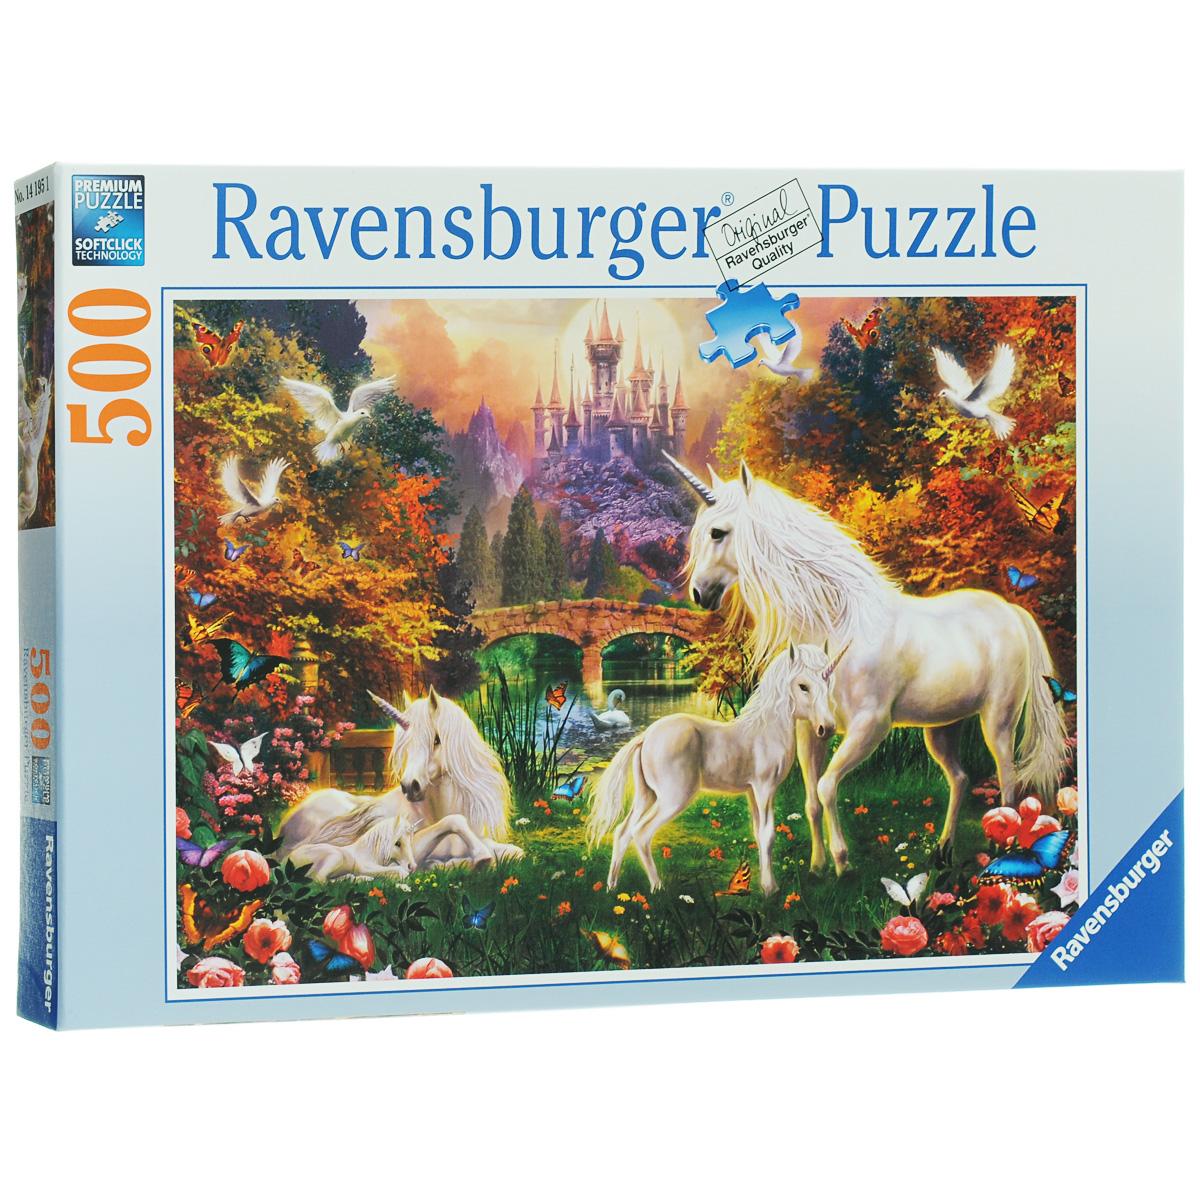 Ravensburger Волшебные единороги. Пазл, 500 элементов